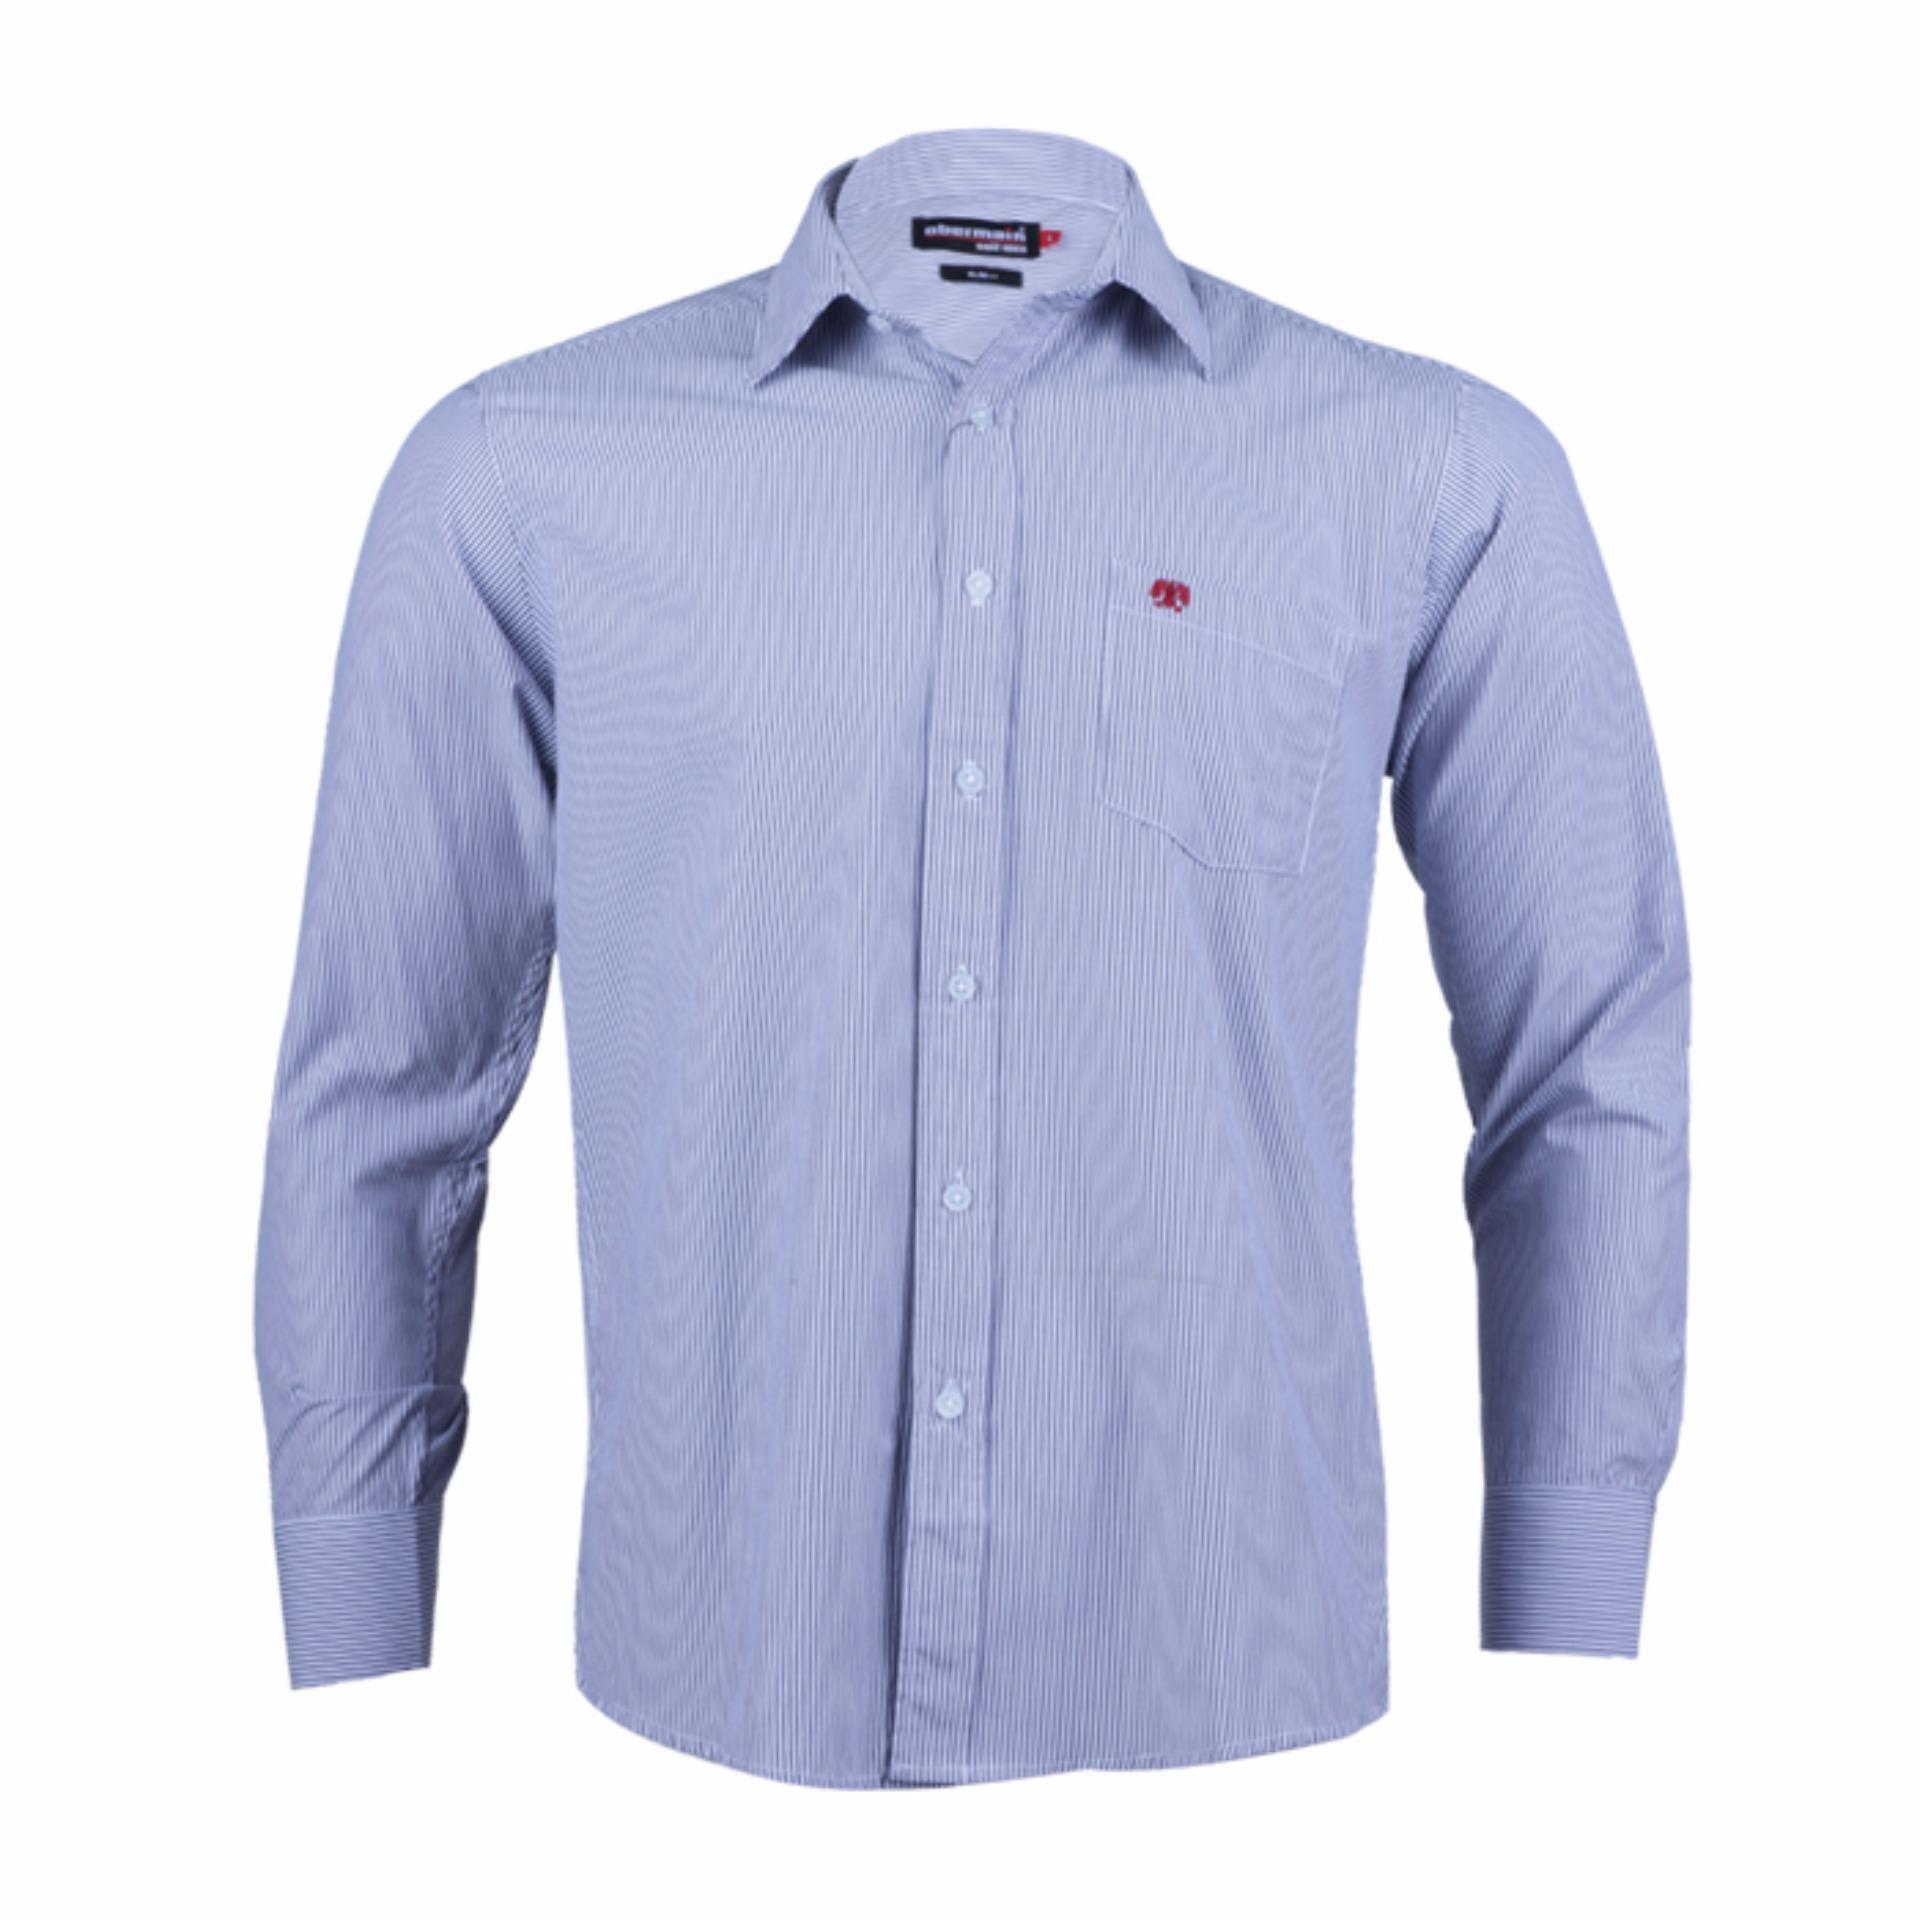 Jual Obermain Kemeja Pria Levi Shirt Blue